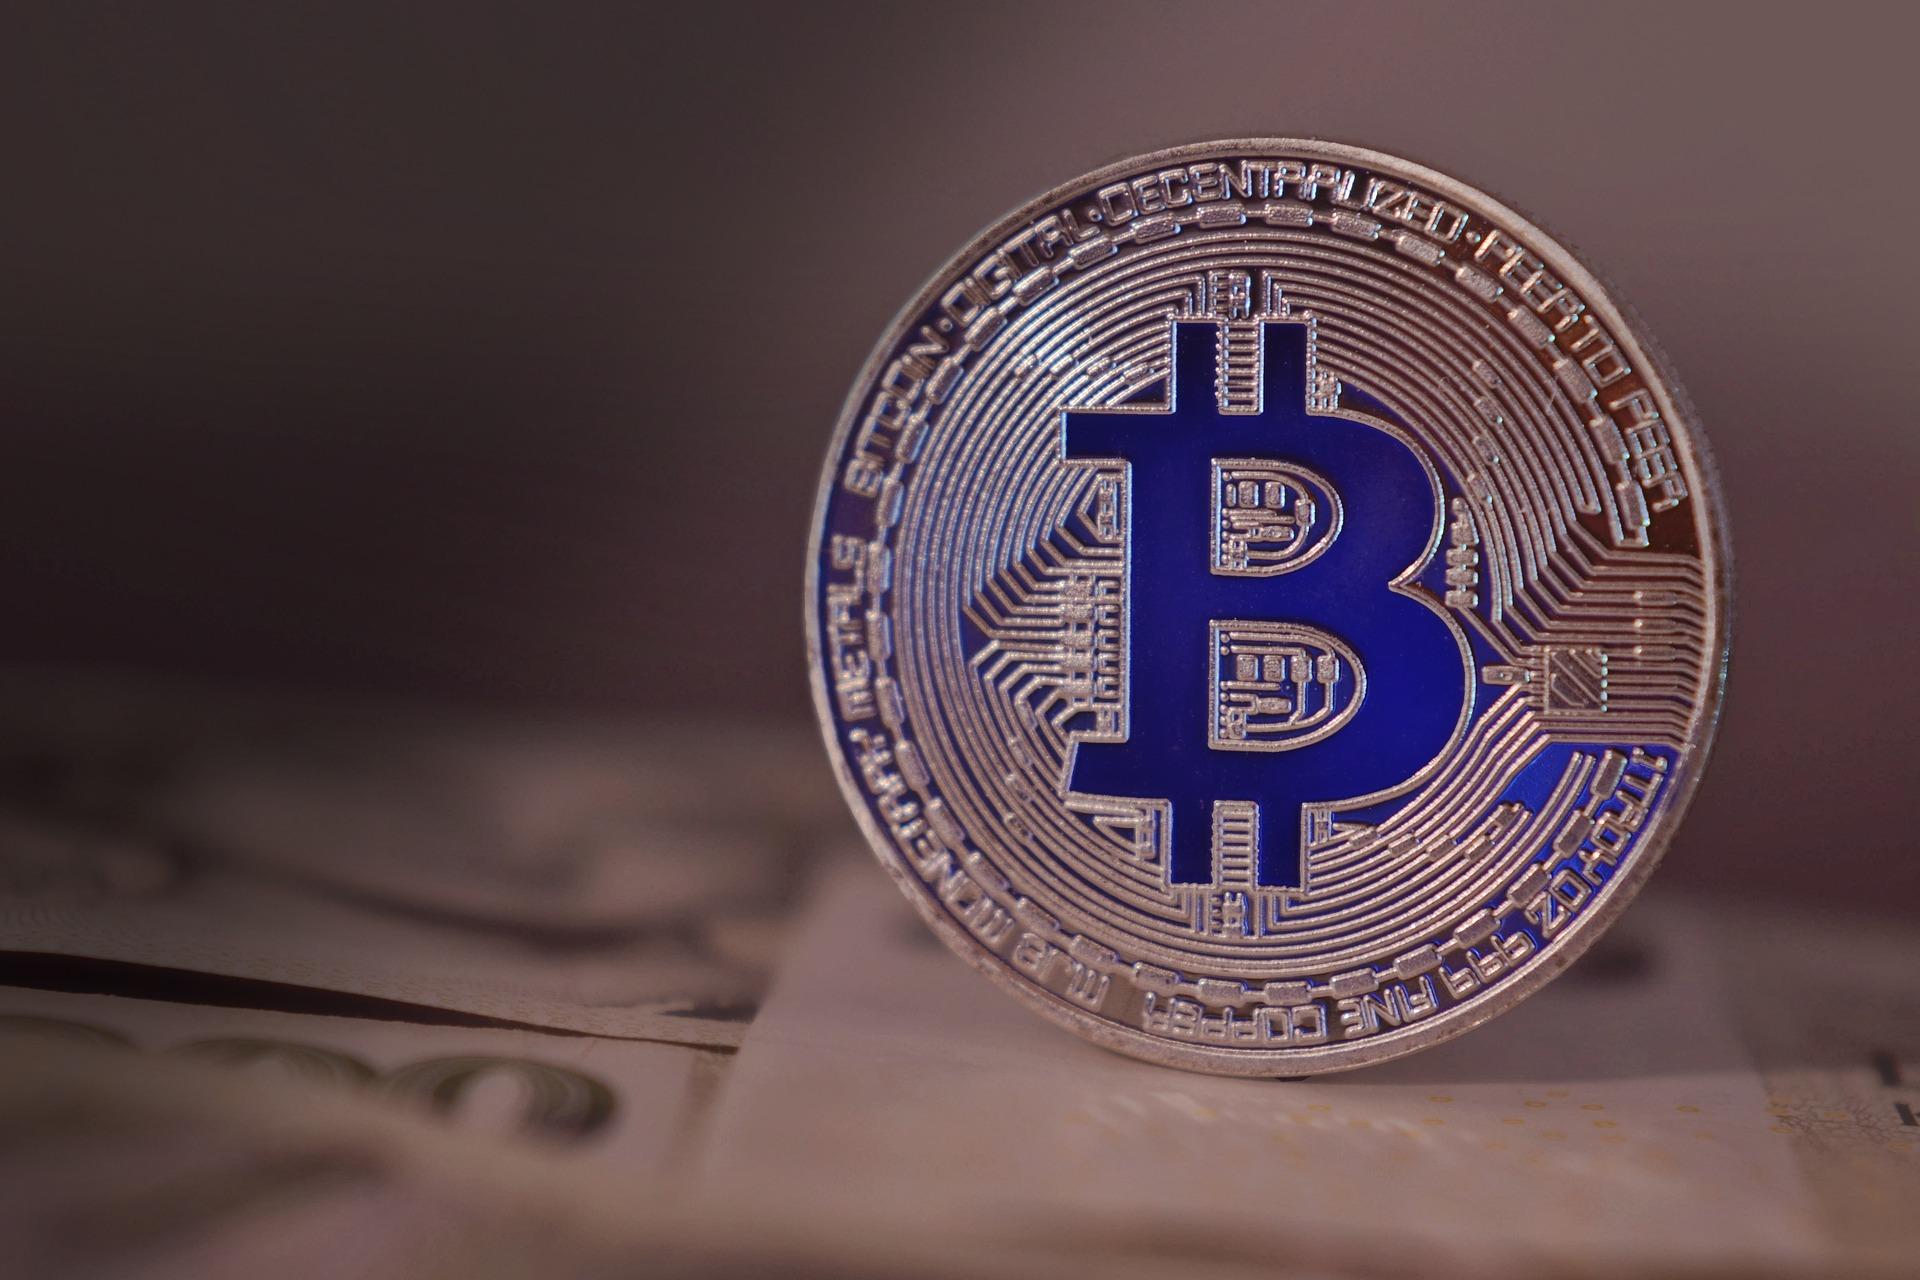 Криптовалютные компании вместо криптовалюты: стоит ли инвестировать?